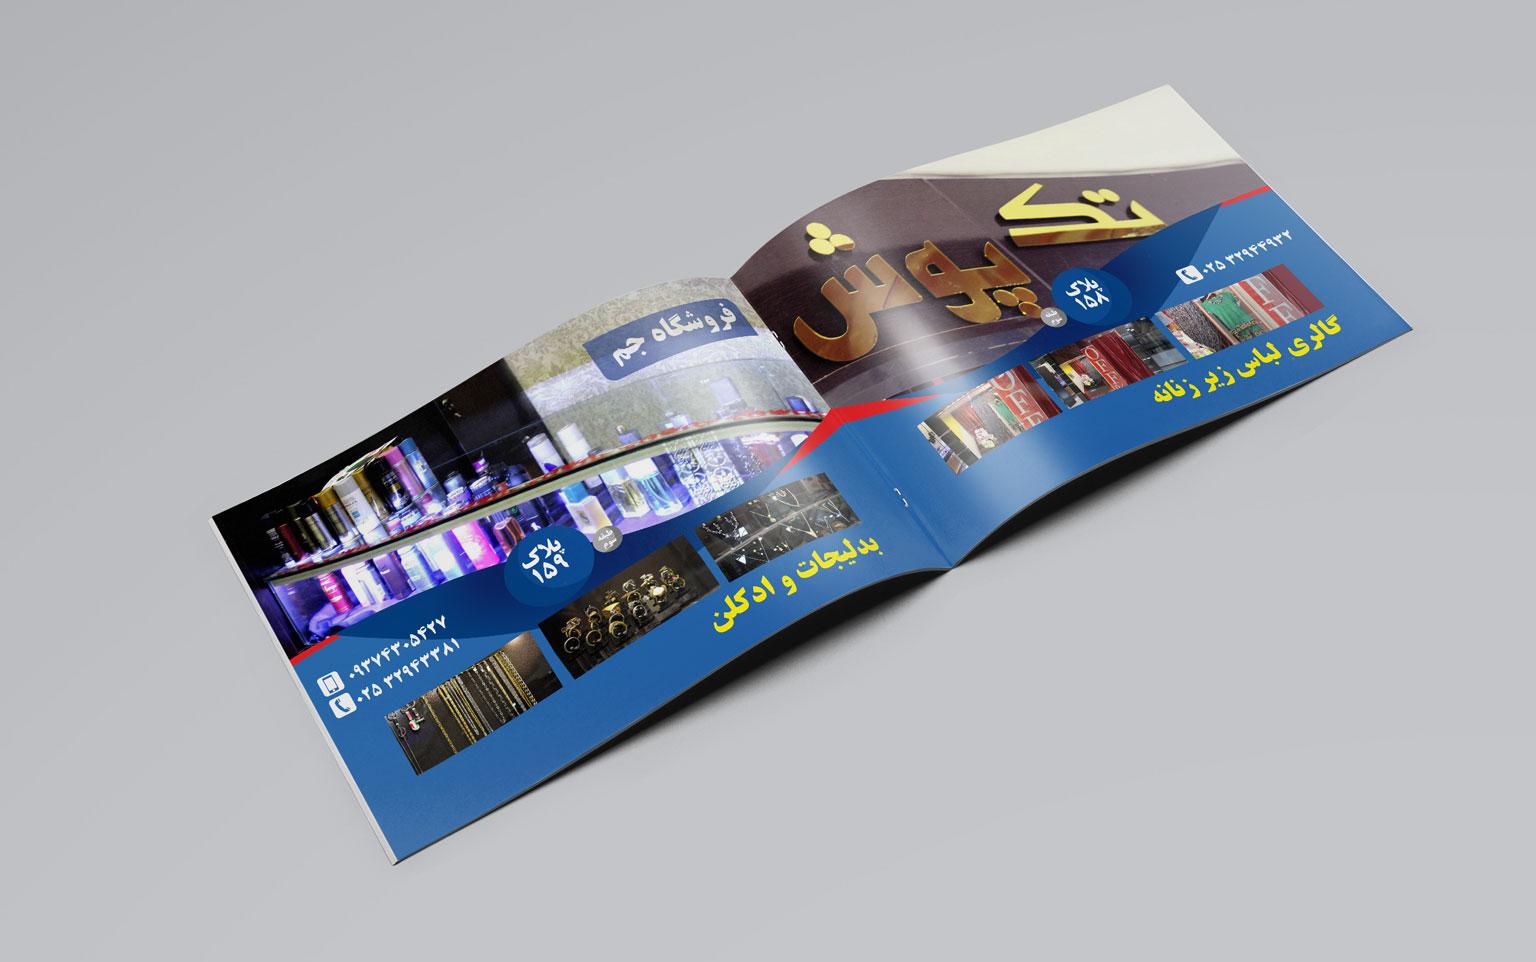 طرح شماره 4 تبلیغاتی کسب و کار (پاساژ)